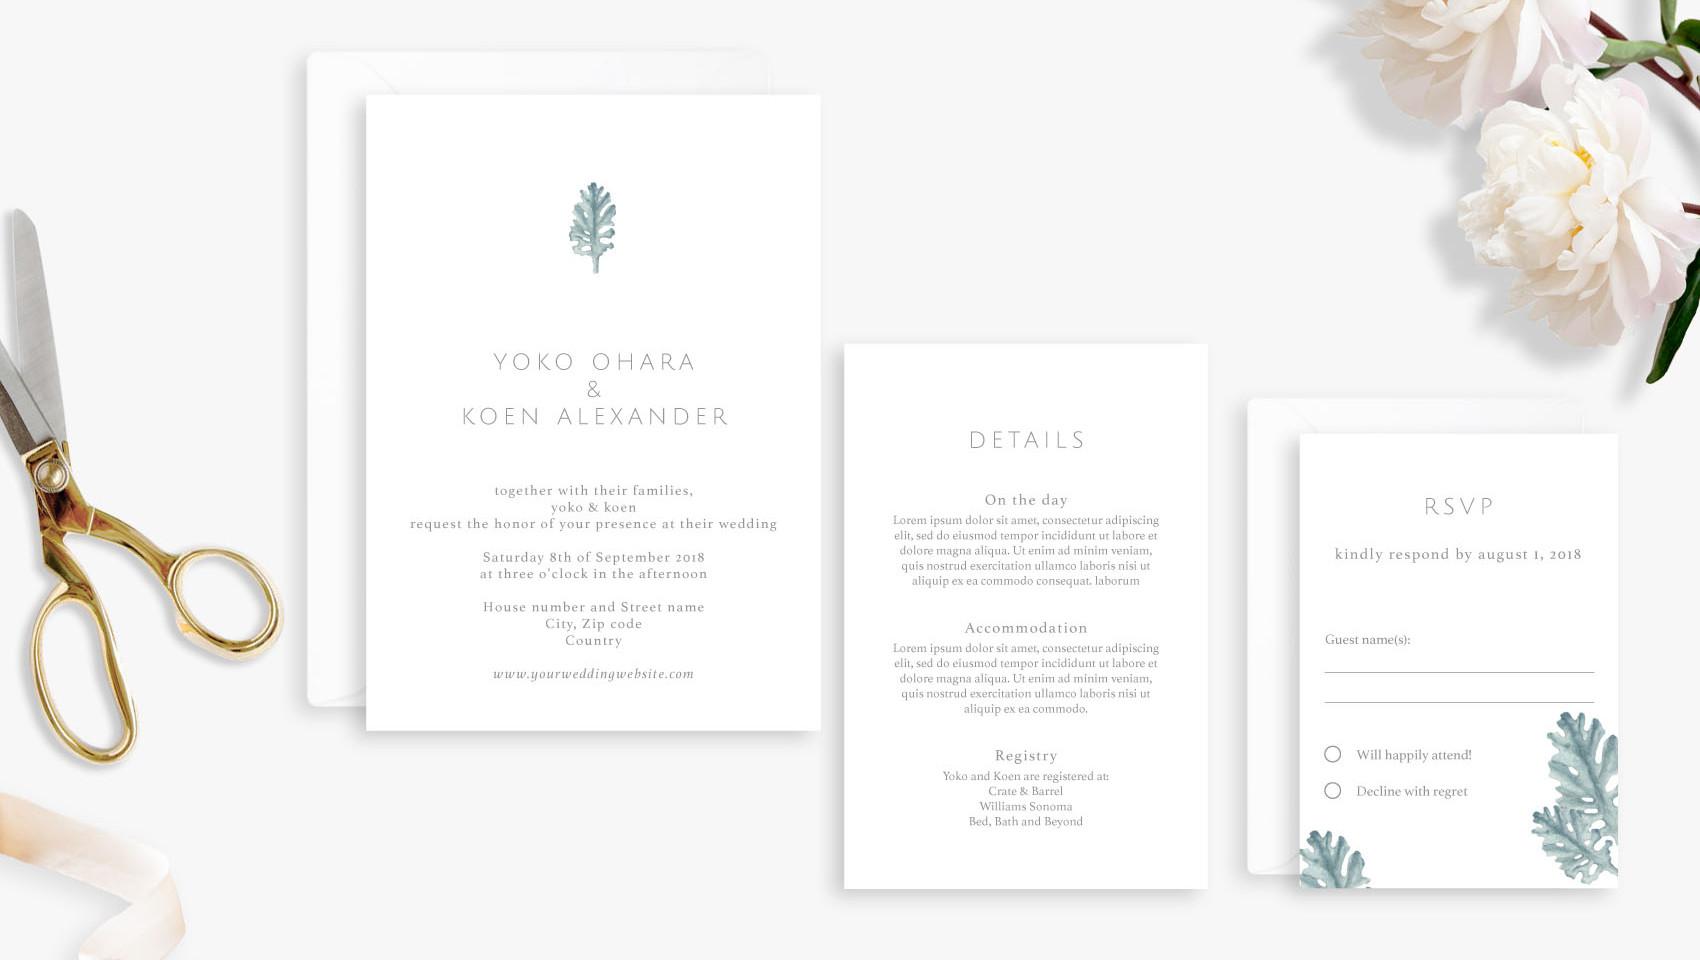 Invitation, Details, RSVP